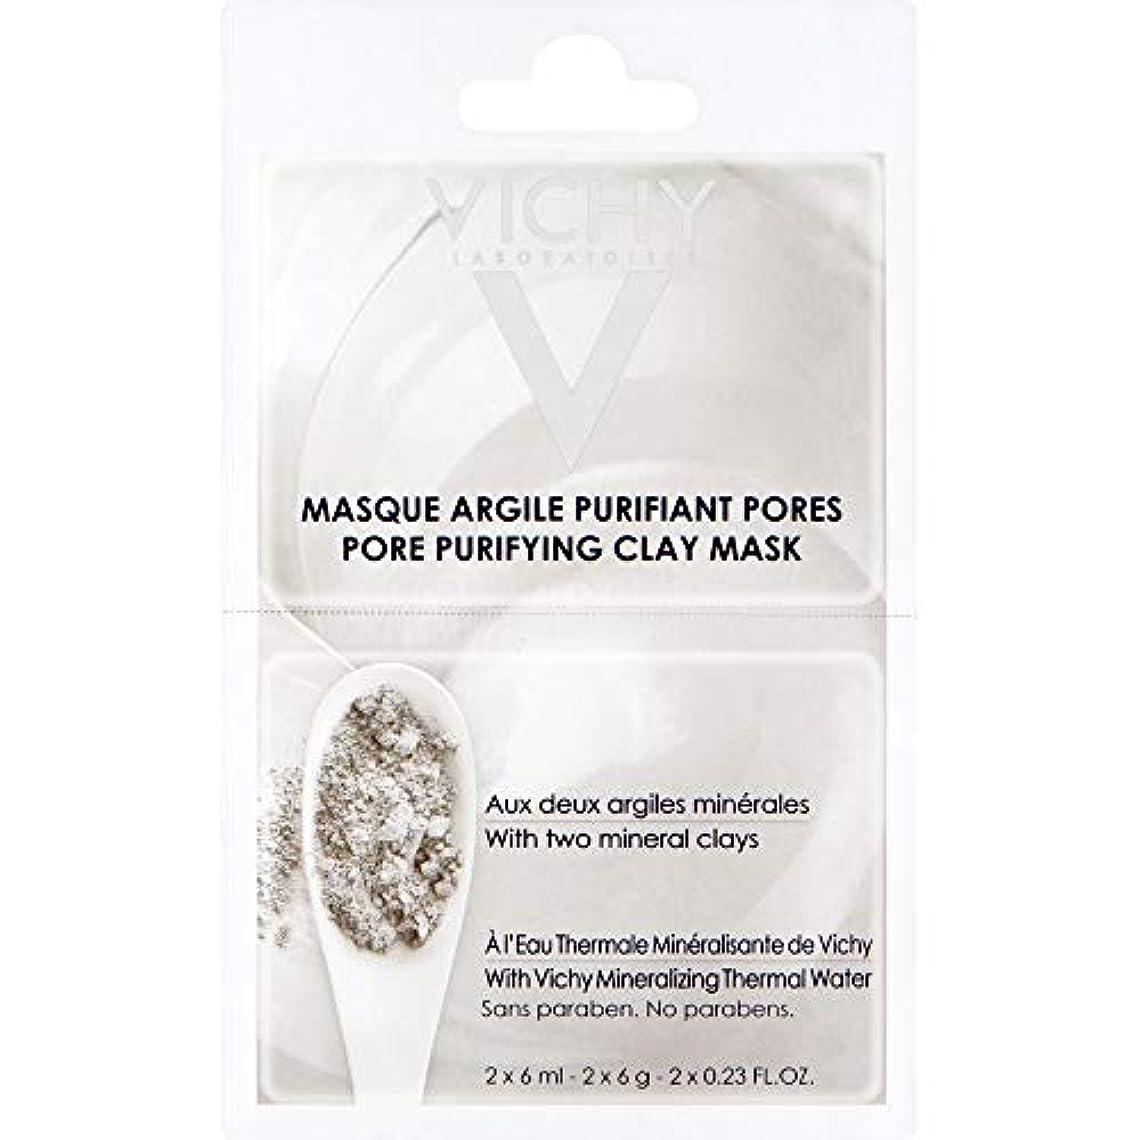 励起ようこそ絶壁[Vichy] ビシー細孔浄化クレイマスクデュオ2×6ミリリットル - Vichy Pore Purifying Clay Mask Duo 2 x 6ml [並行輸入品]